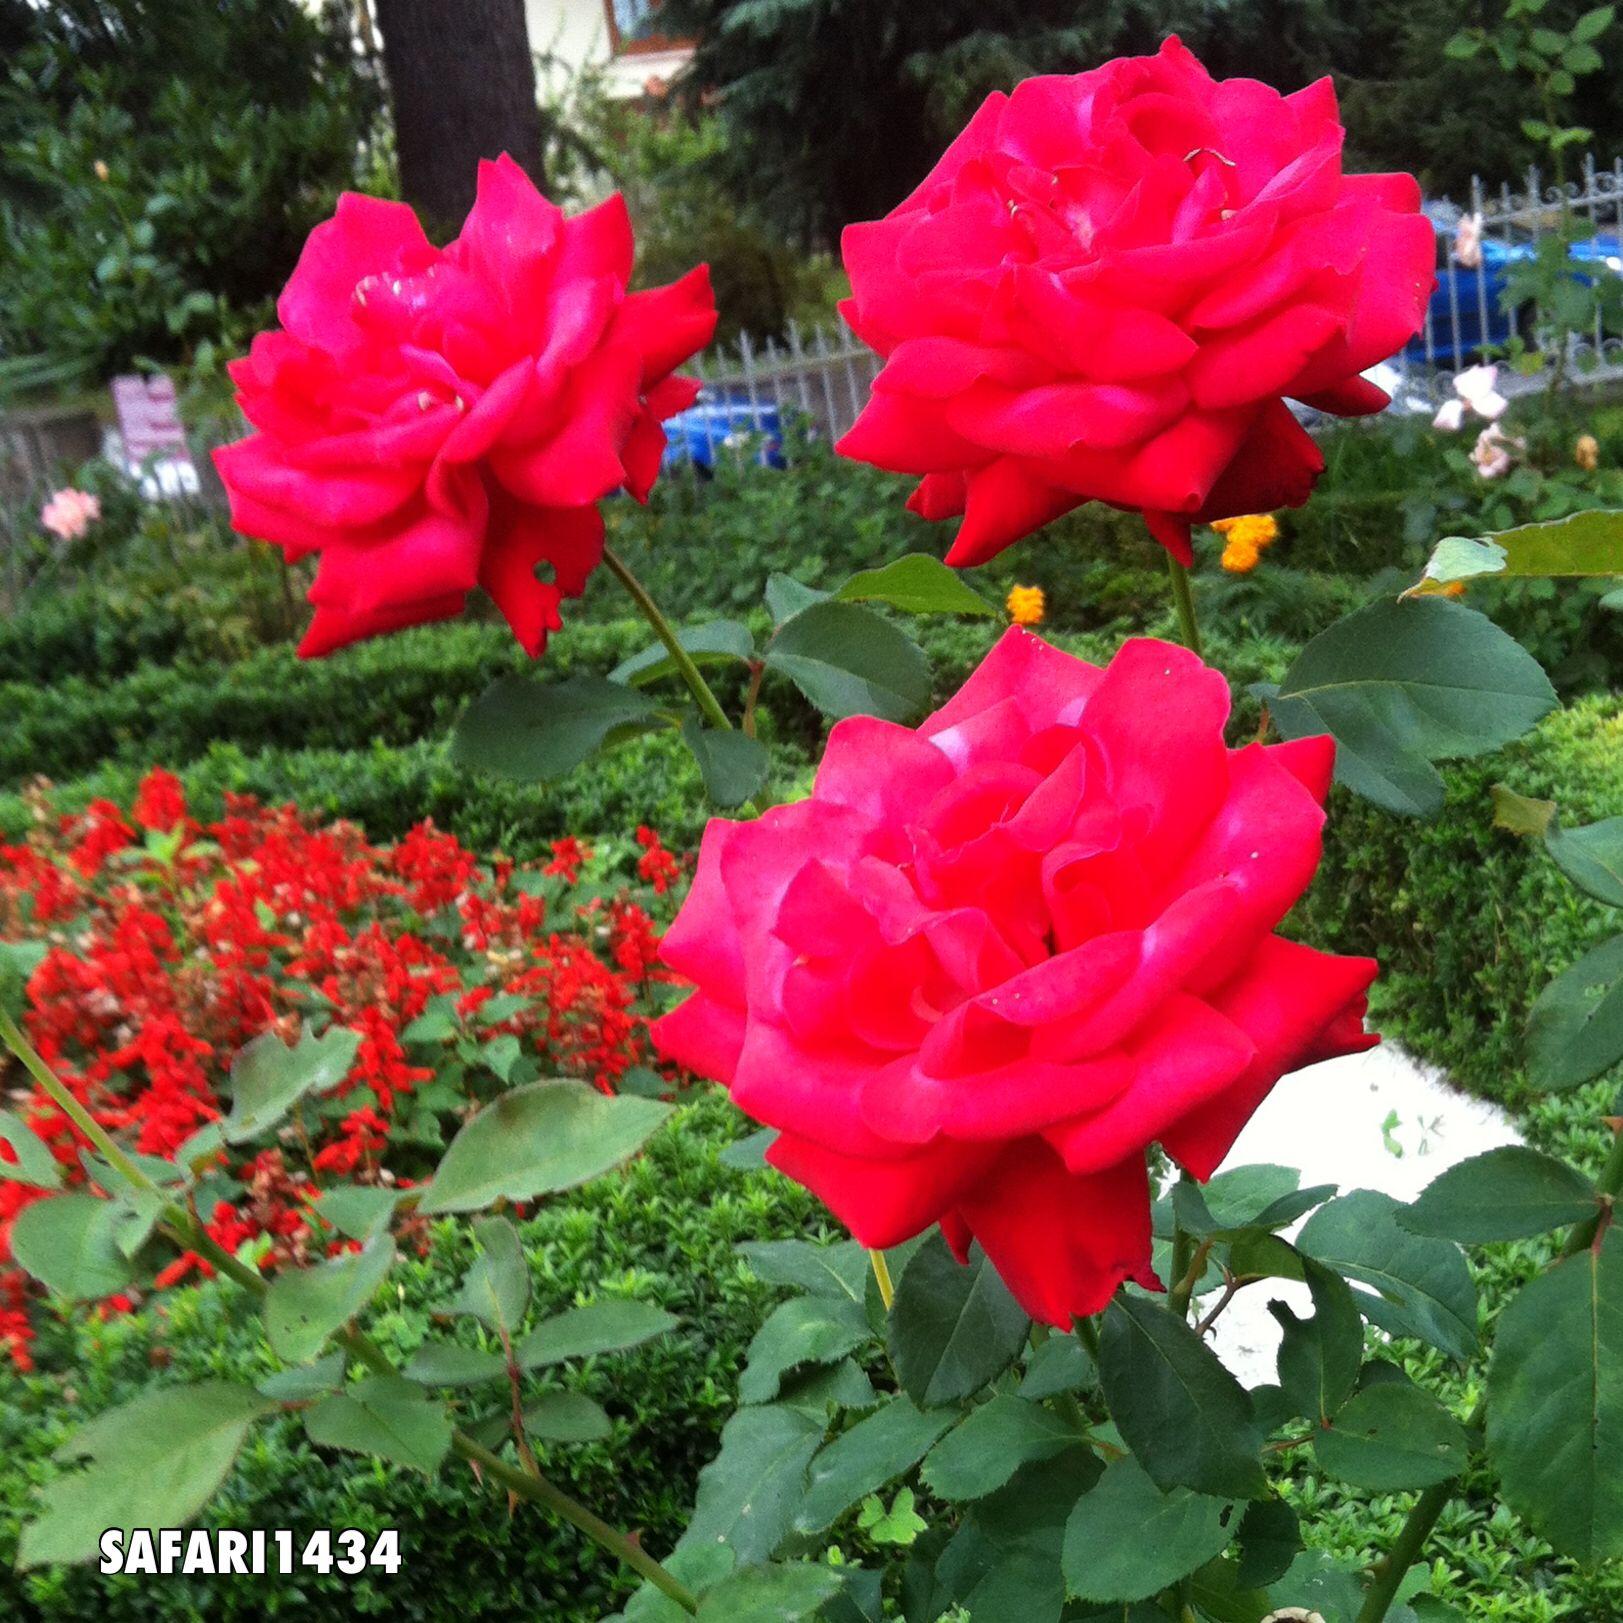 تصويري لاجمل ورده في حديقة قصر مصطفى كمال اتاتورك في طربزون في تركيا Plants Rose Flowers